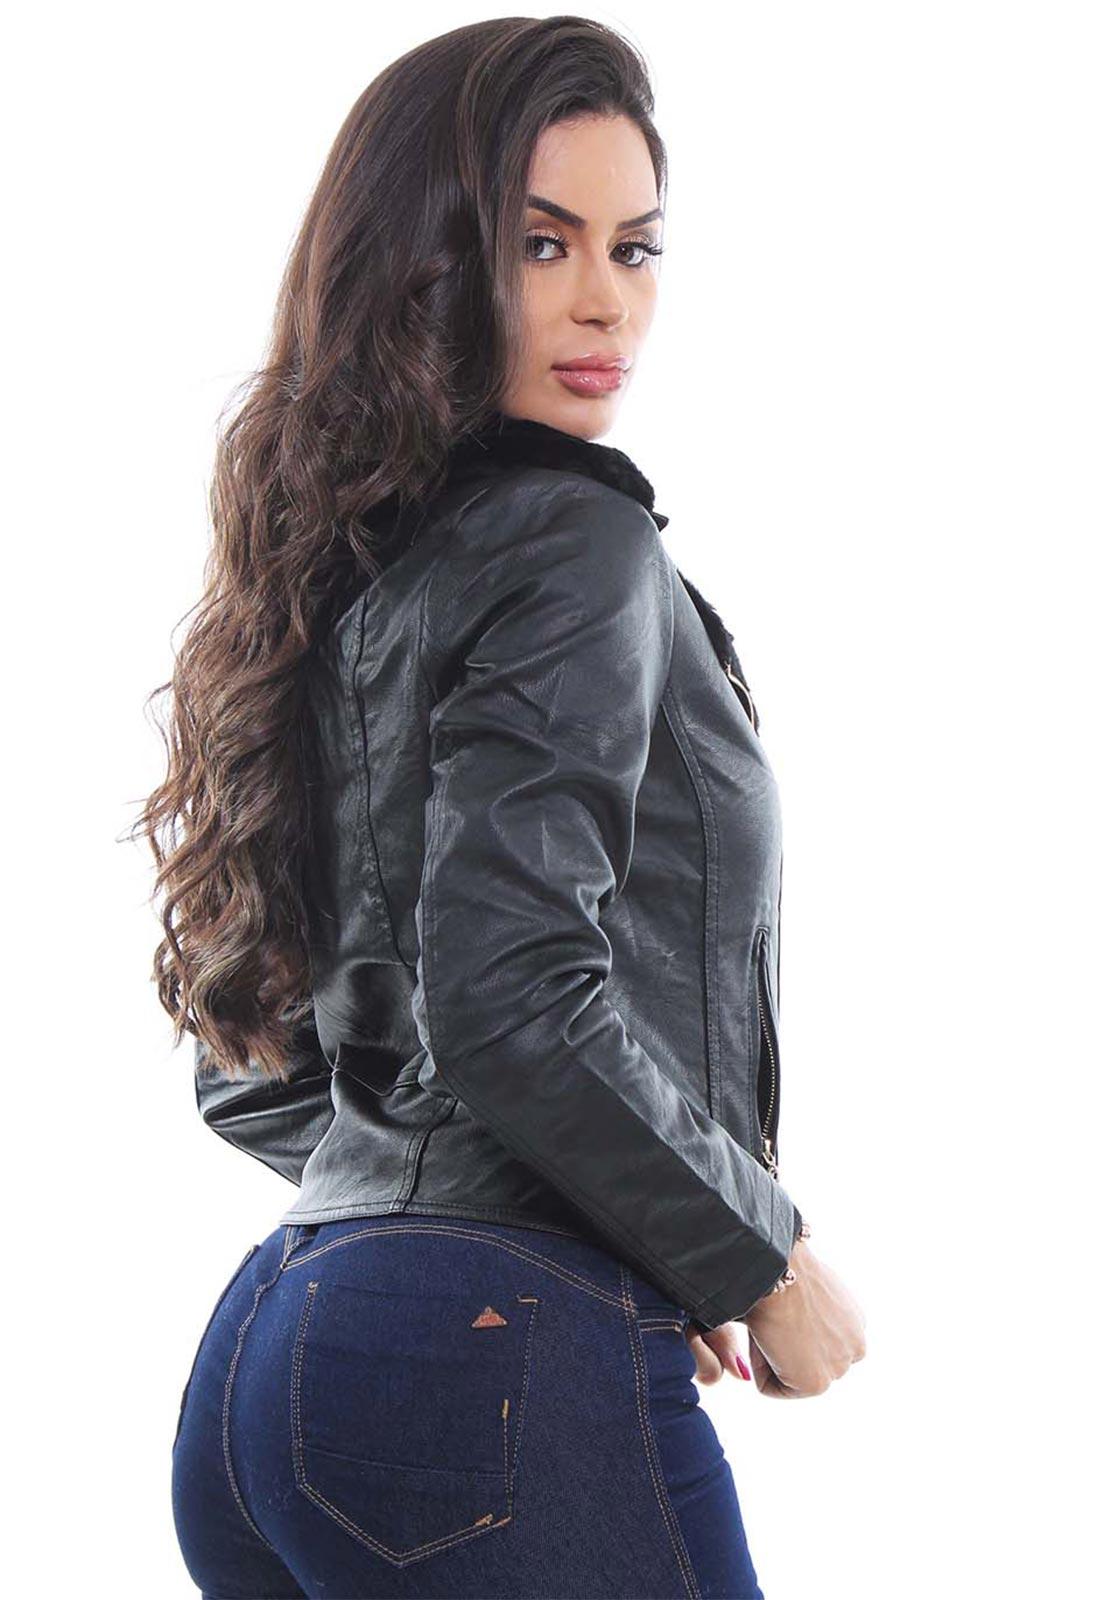 Jaqueta Feminina Crocker - 46024  - CROCKER JEANS